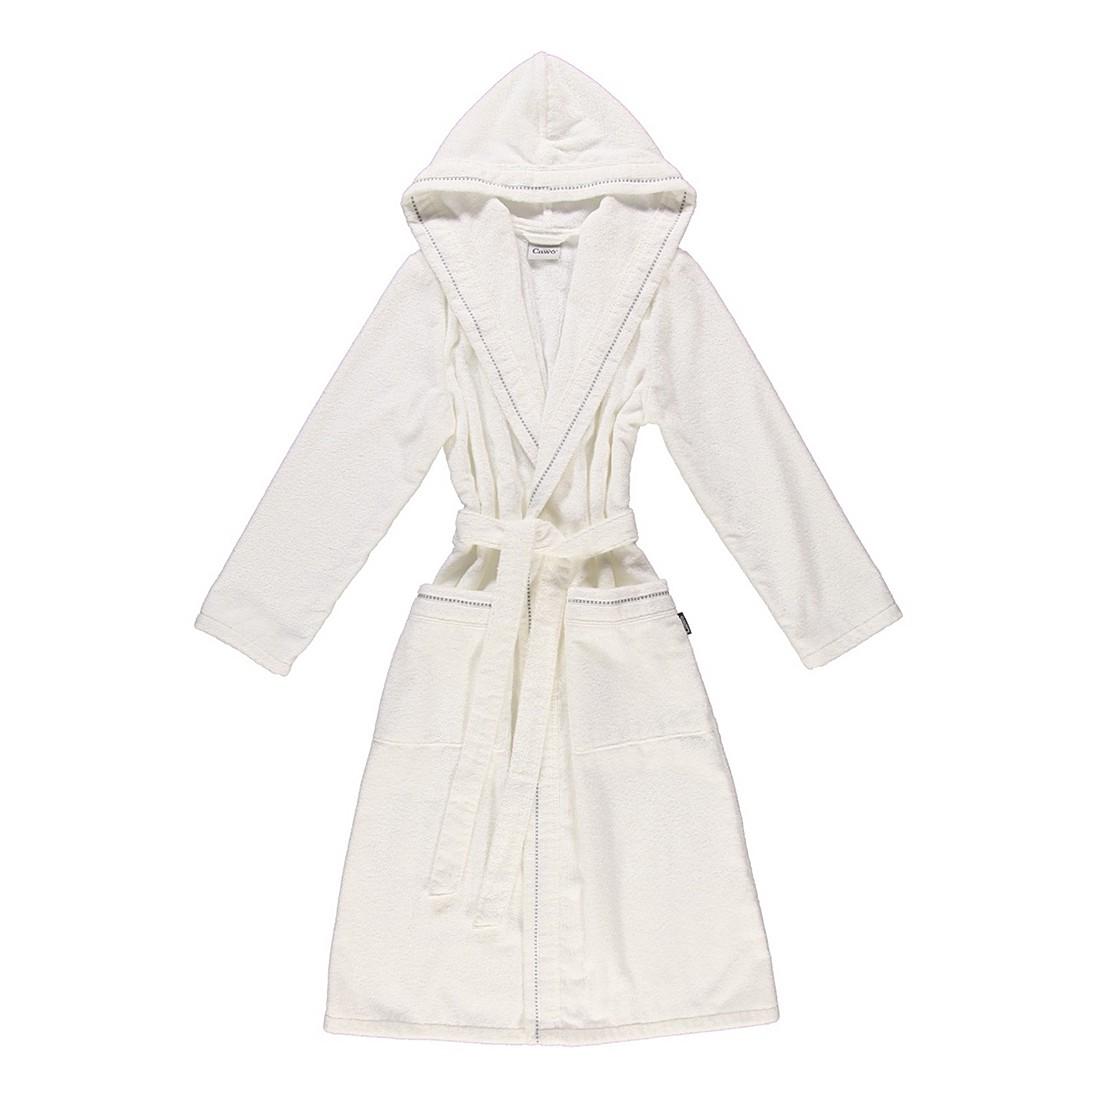 Bademantel 4110 – Damen – FRottier – 100% Baumwolle Weiß – 600 – Größe: S, Cawö online bestellen